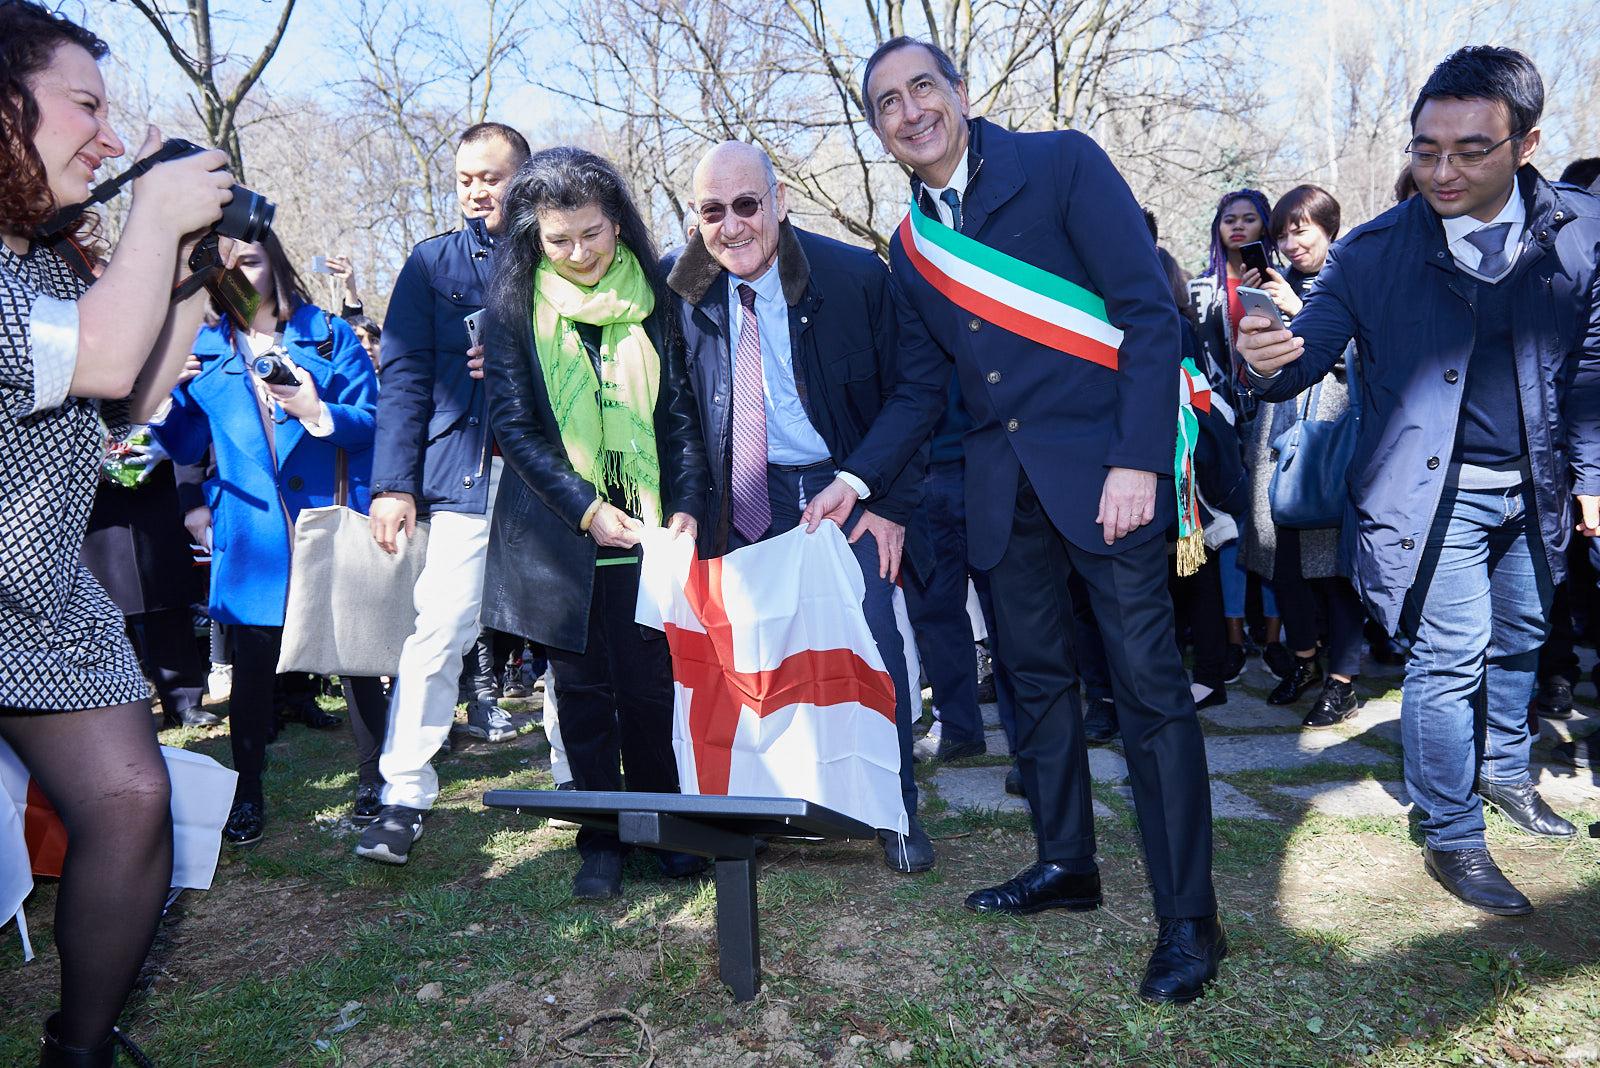 con il presidente di Gariwo Gabriele Nissim e il sindaco di Milano Beppe Sala, alla Cerimonia del Monte Stella 2018